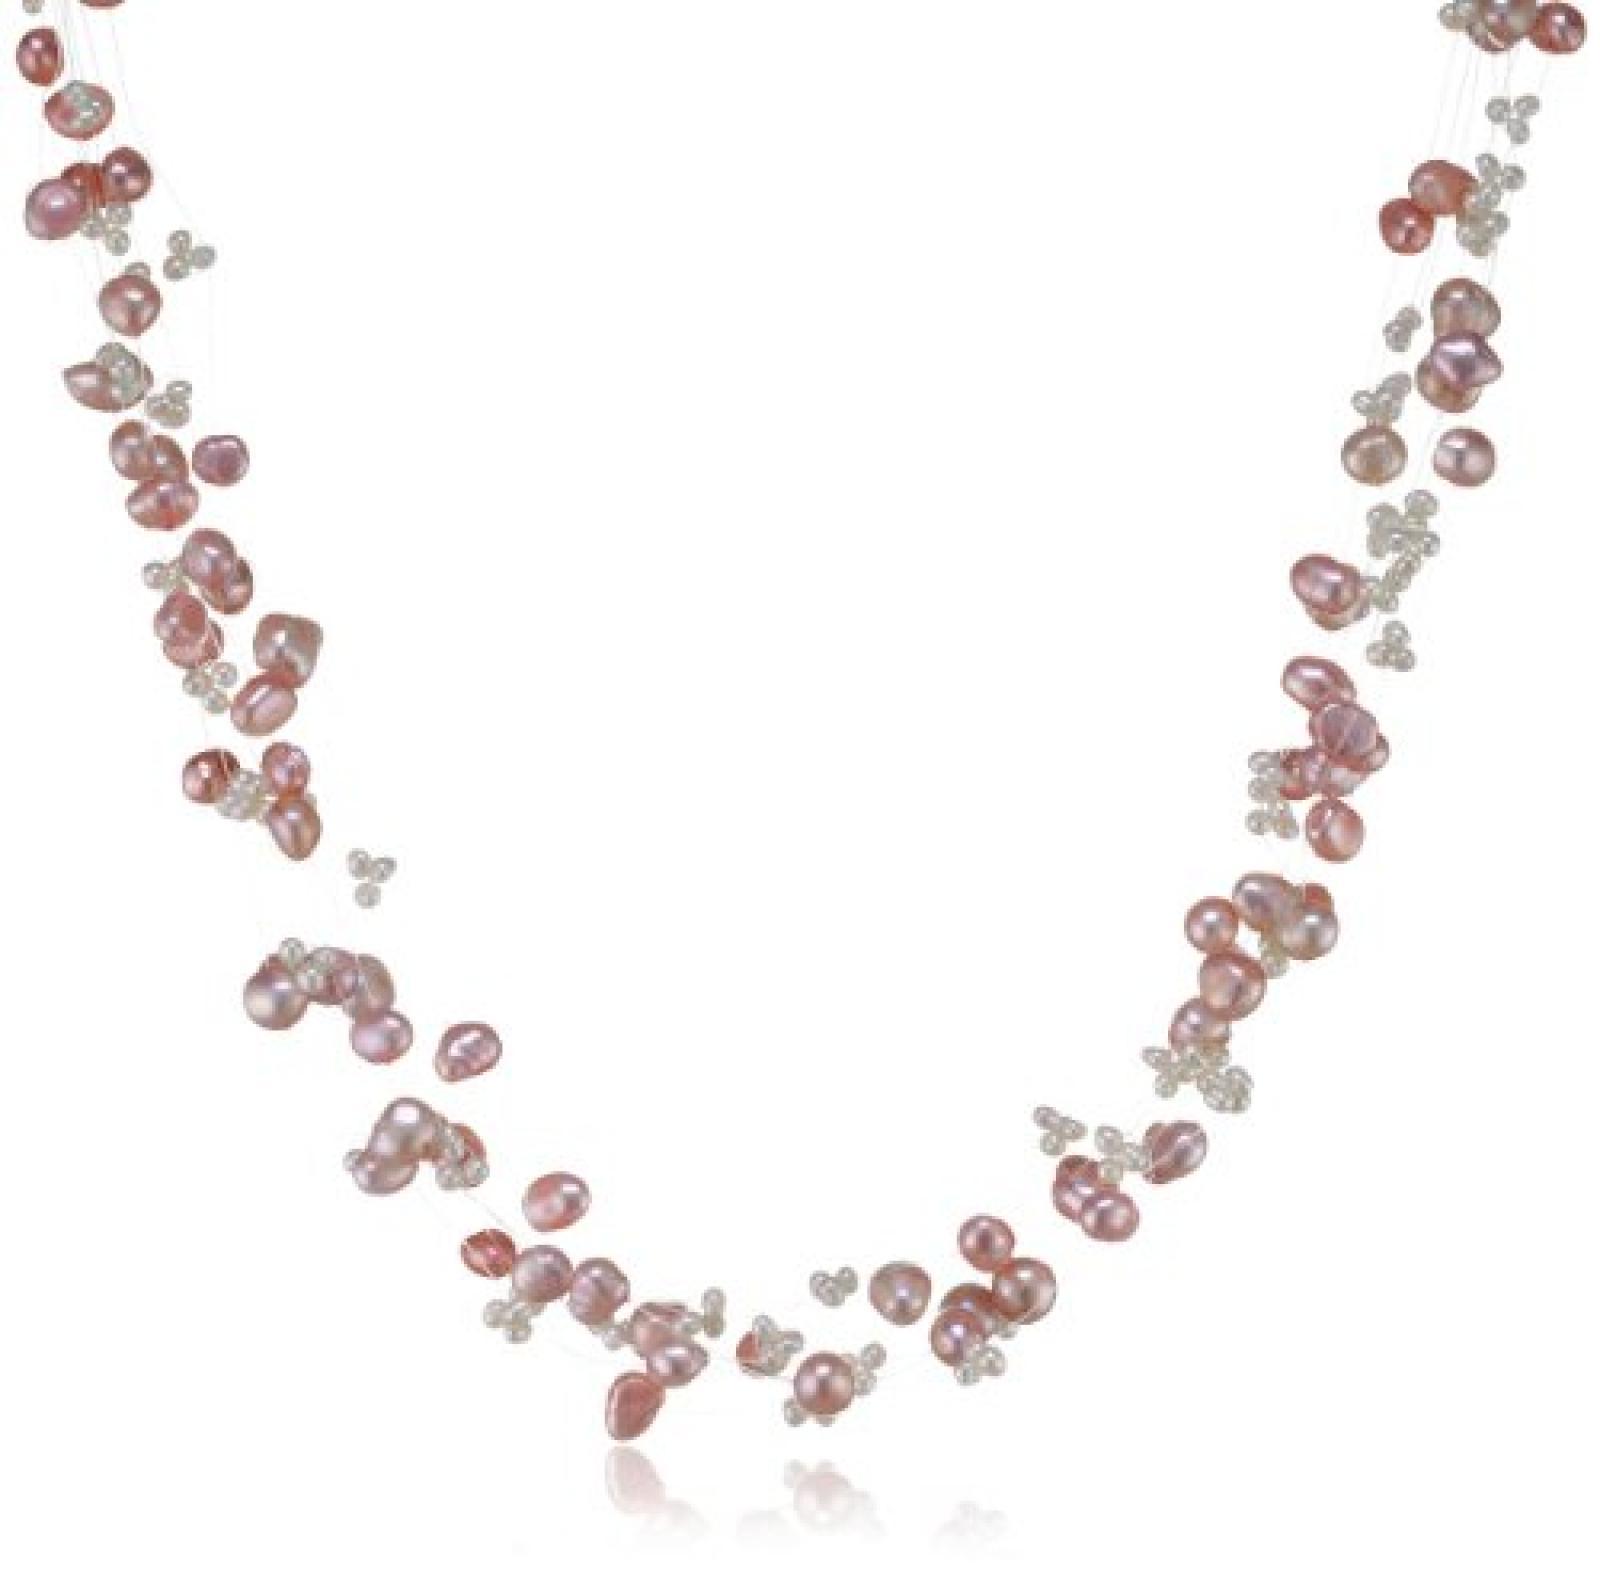 Valero Pearls Fashion Collection Damen-Kette Hochwertige Süßwasser-Zuchtperlen in ca.  4-6 mm Barock rosa/weiß  43 cm + 5 cm Verlängerung   60200102